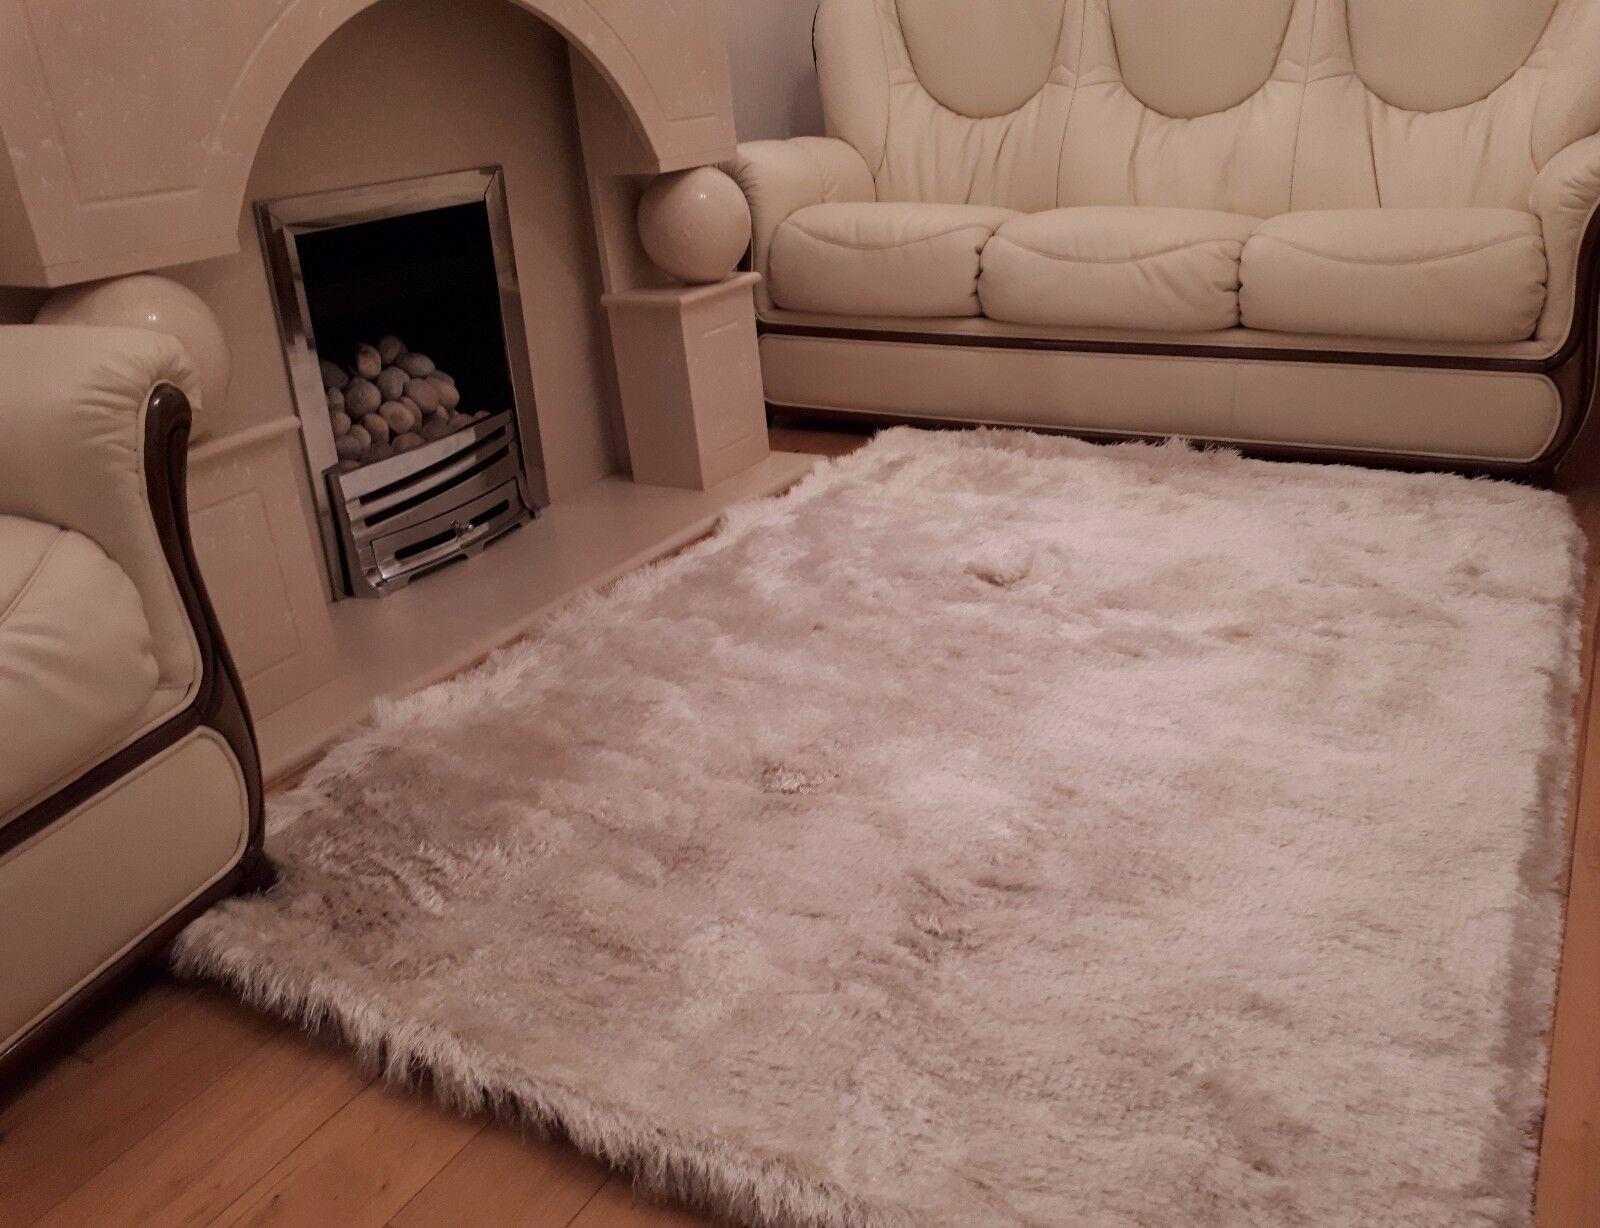 Doux Soyeux Luxe Luxe Luxe Moderne Maison Plancher Tapis Tapis De Salon Chambre à Coucher Sol Rouge | Magnifique  7c9922